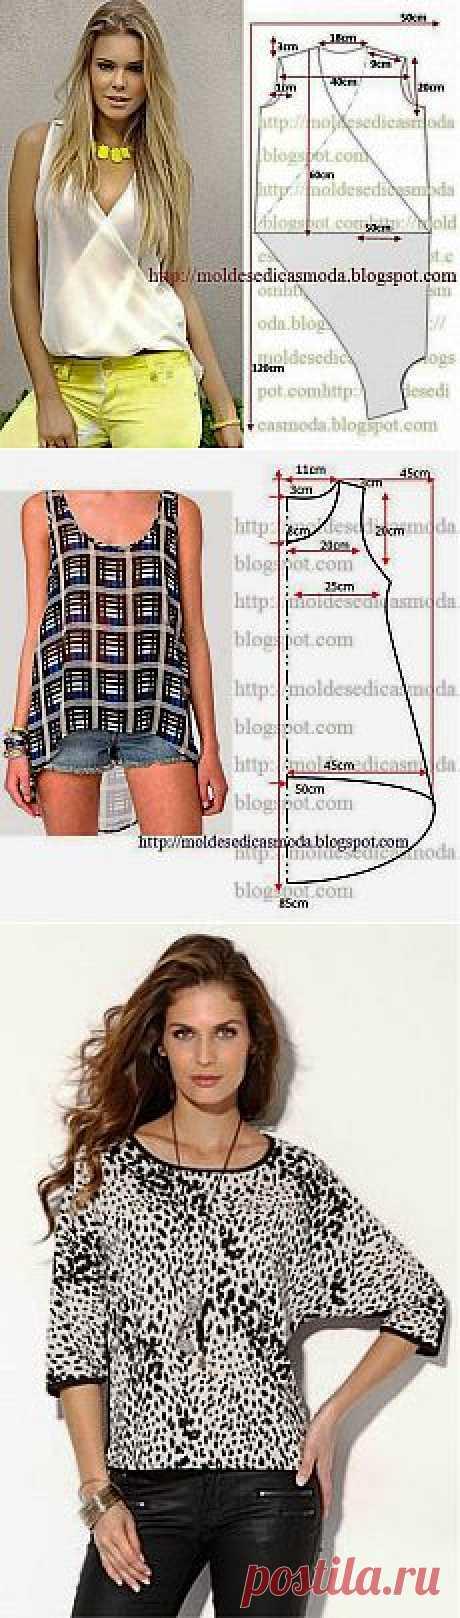 блузки moldesedicasmoda.blogspot.com.